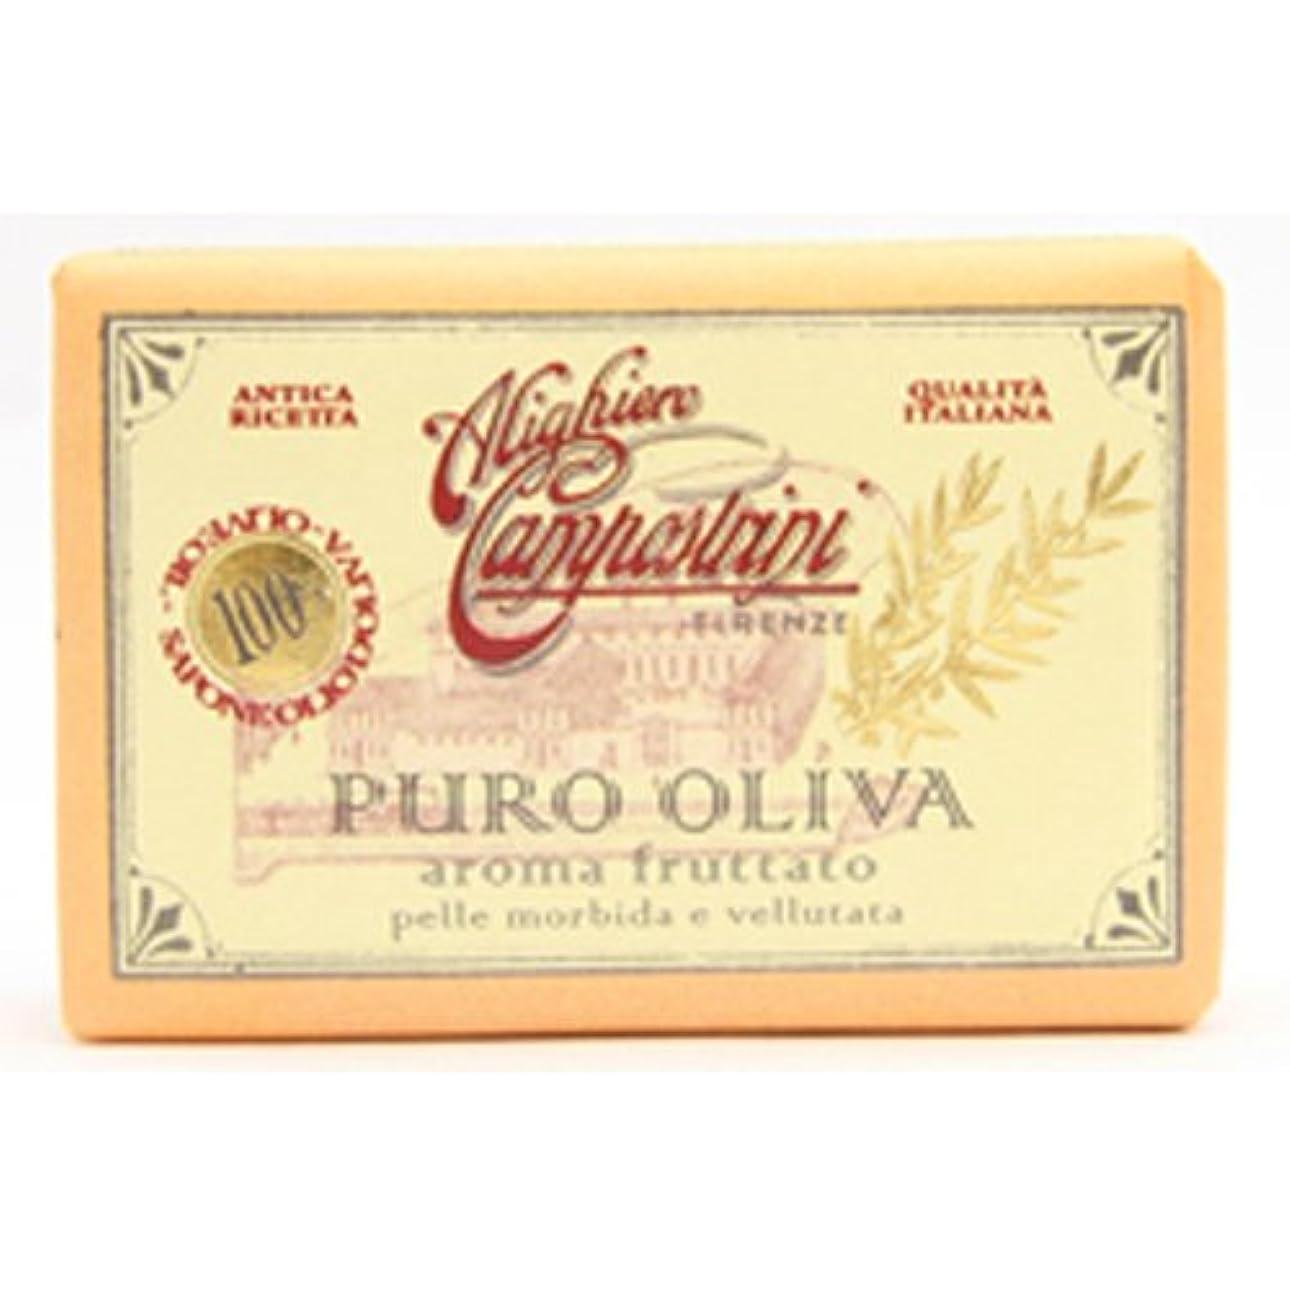 卑しいステーキ不完全Saponerire Fissi サポネリーフィッシー PURO OLIVA Soap オリーブオイル ピュロ ソープ Aroma fruttato フルーツ(オレンジ)